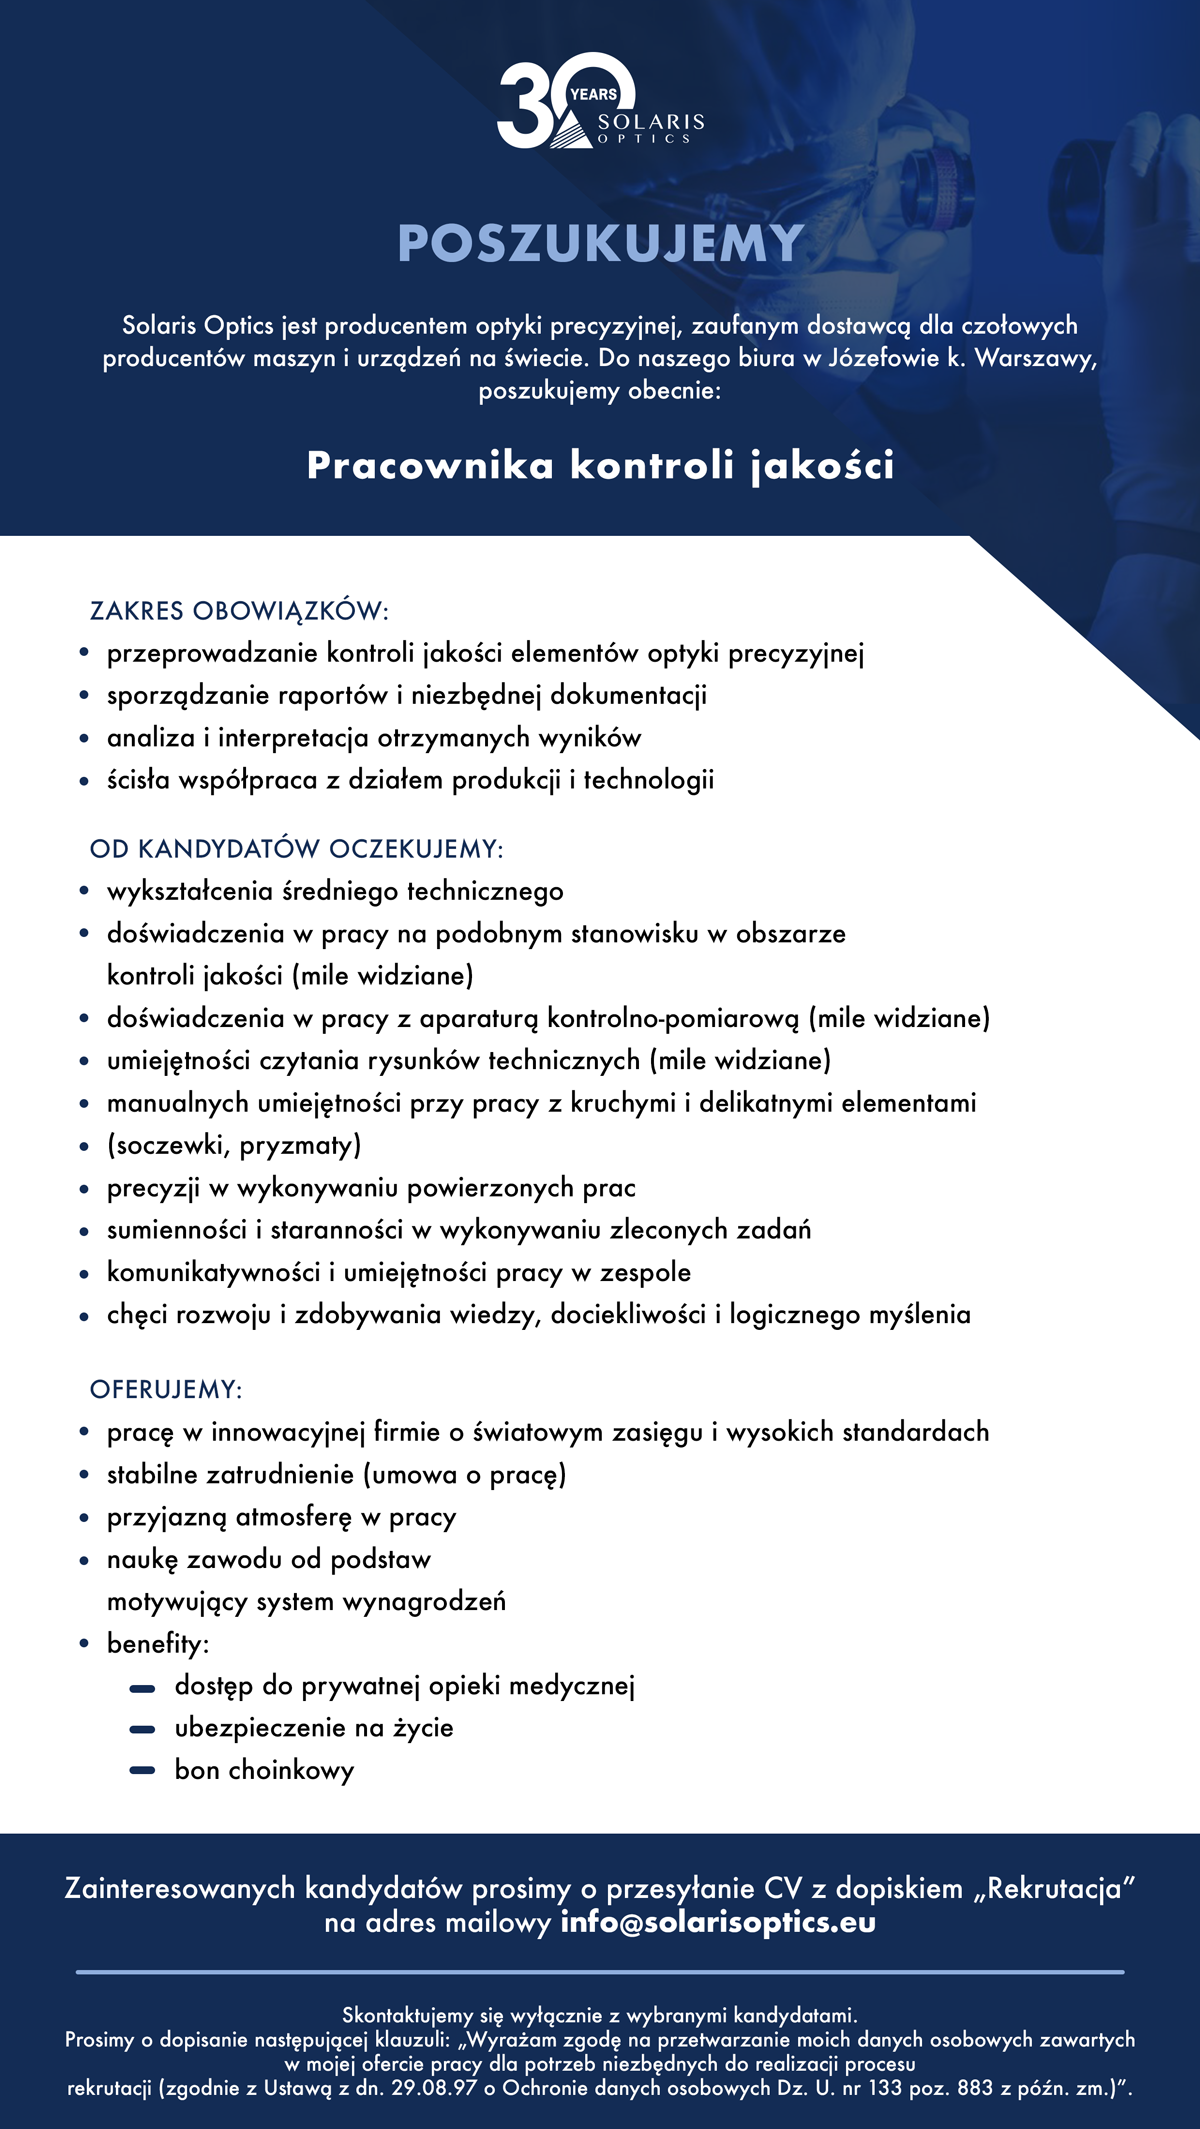 Praca - Pracownik kontroli jakości - Solaris Optics